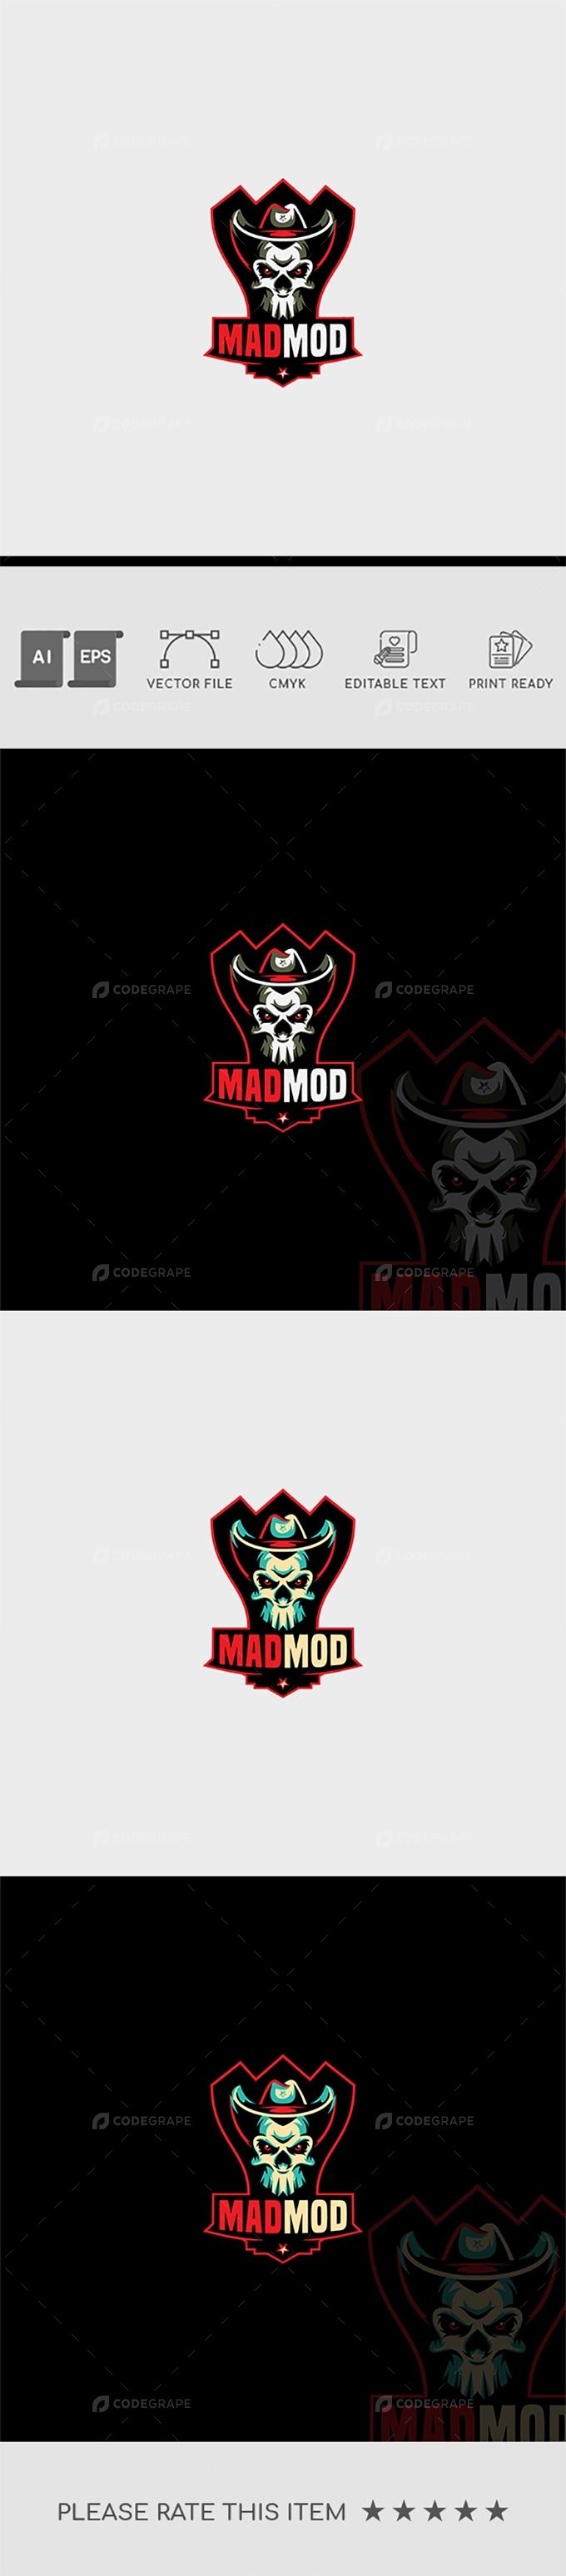 Madmod Gaming Logo